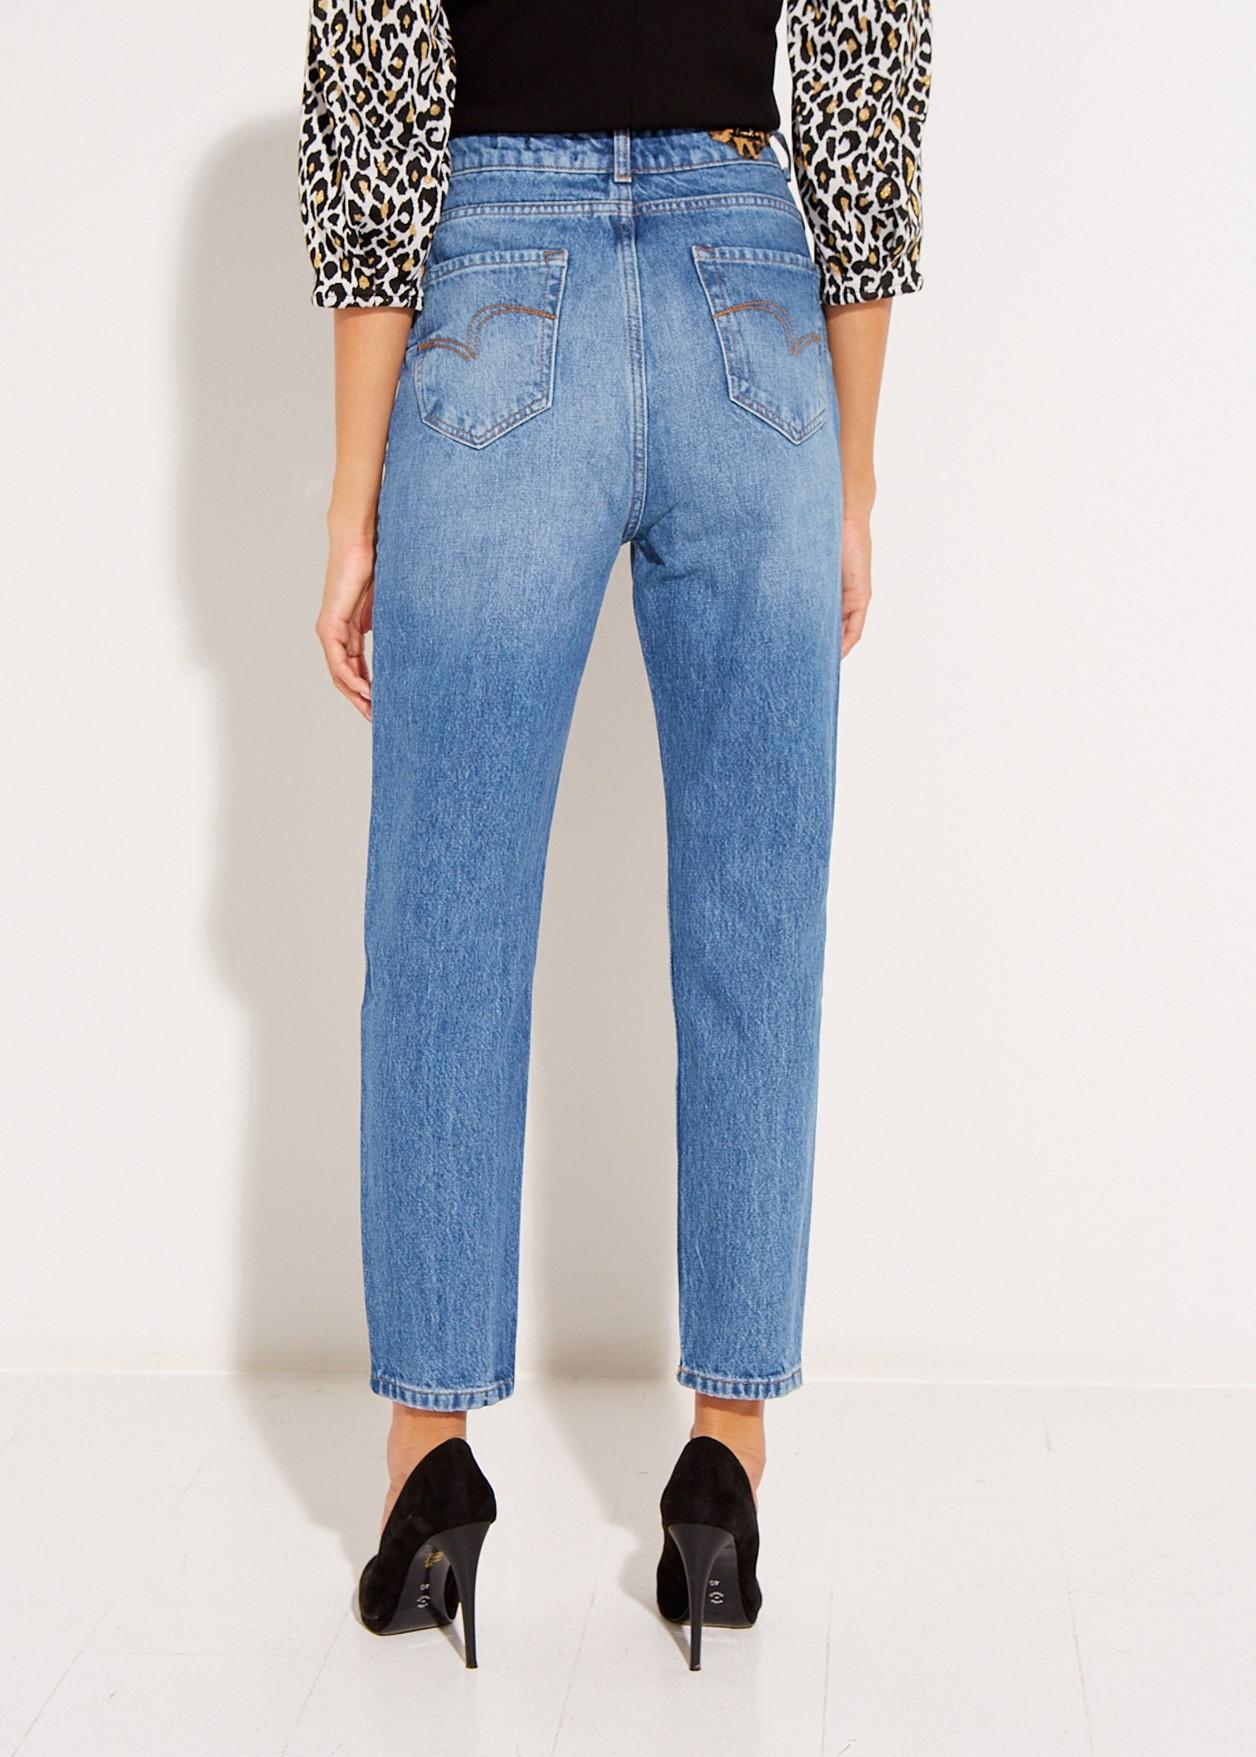 Kendall τζιν παντελόνι με σκισίματα